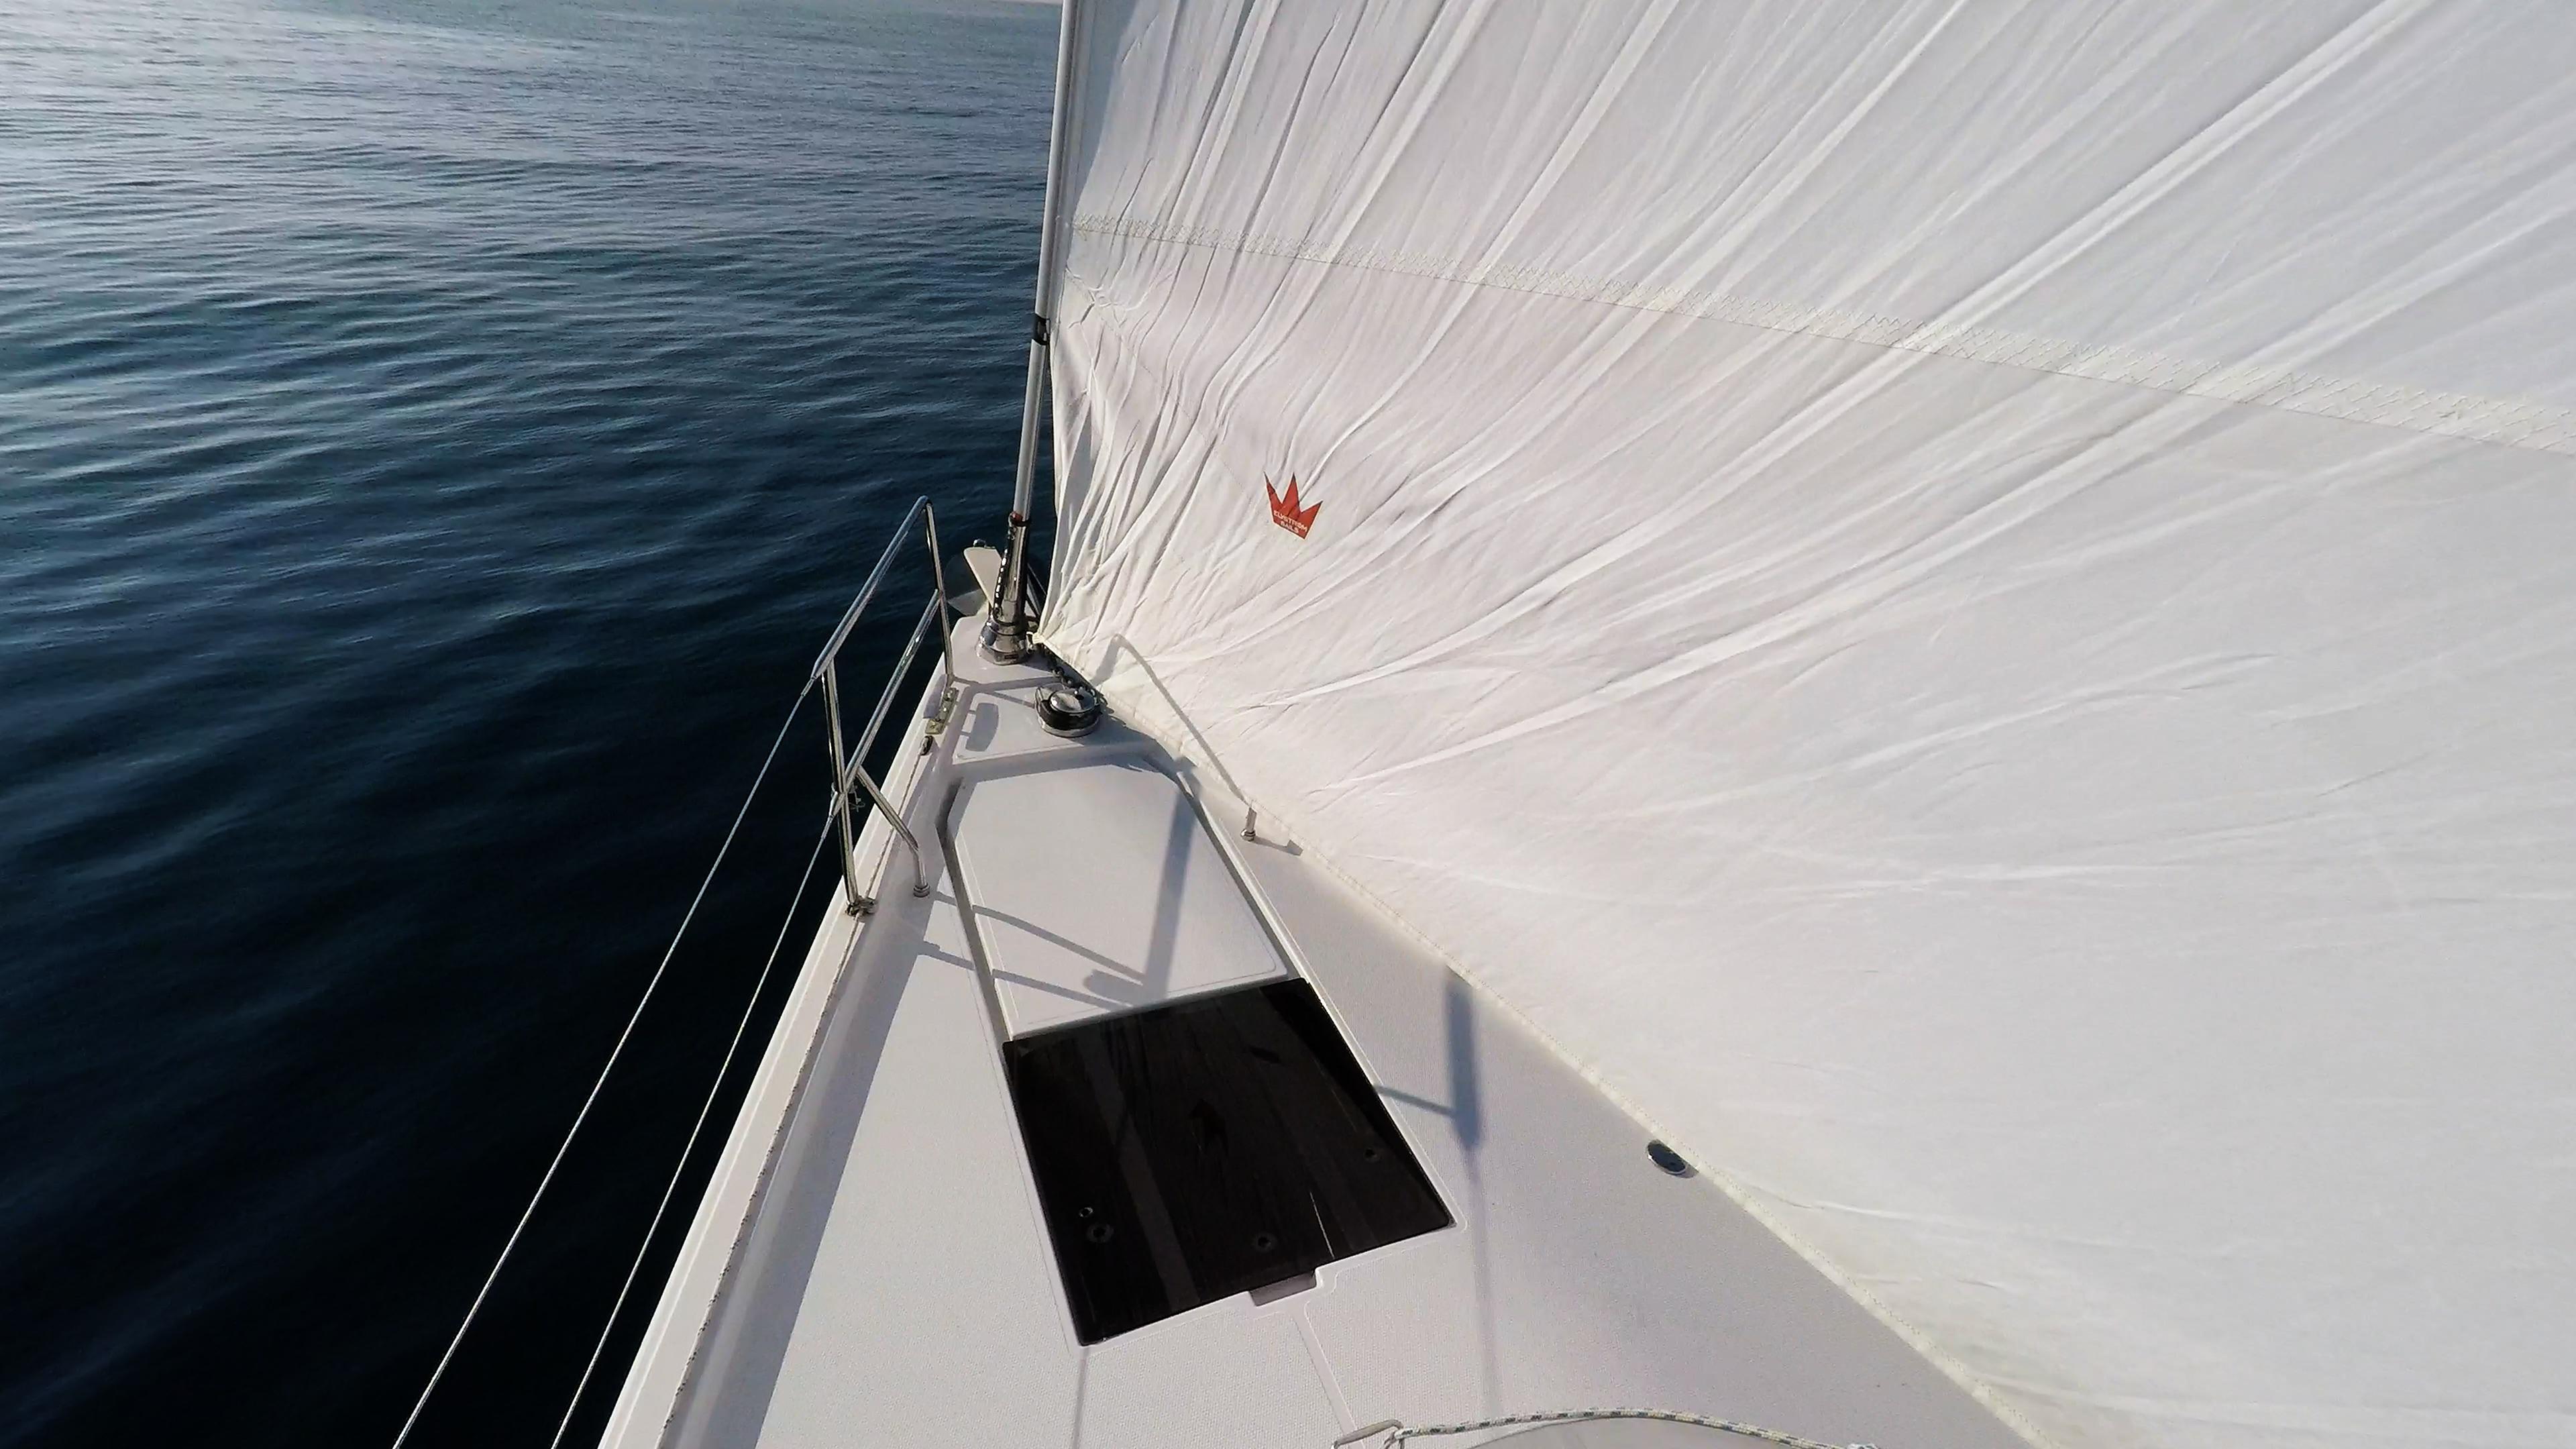 barcha a vela prua di yacht a vela genova strallo vela anteriore barca mare blu sole